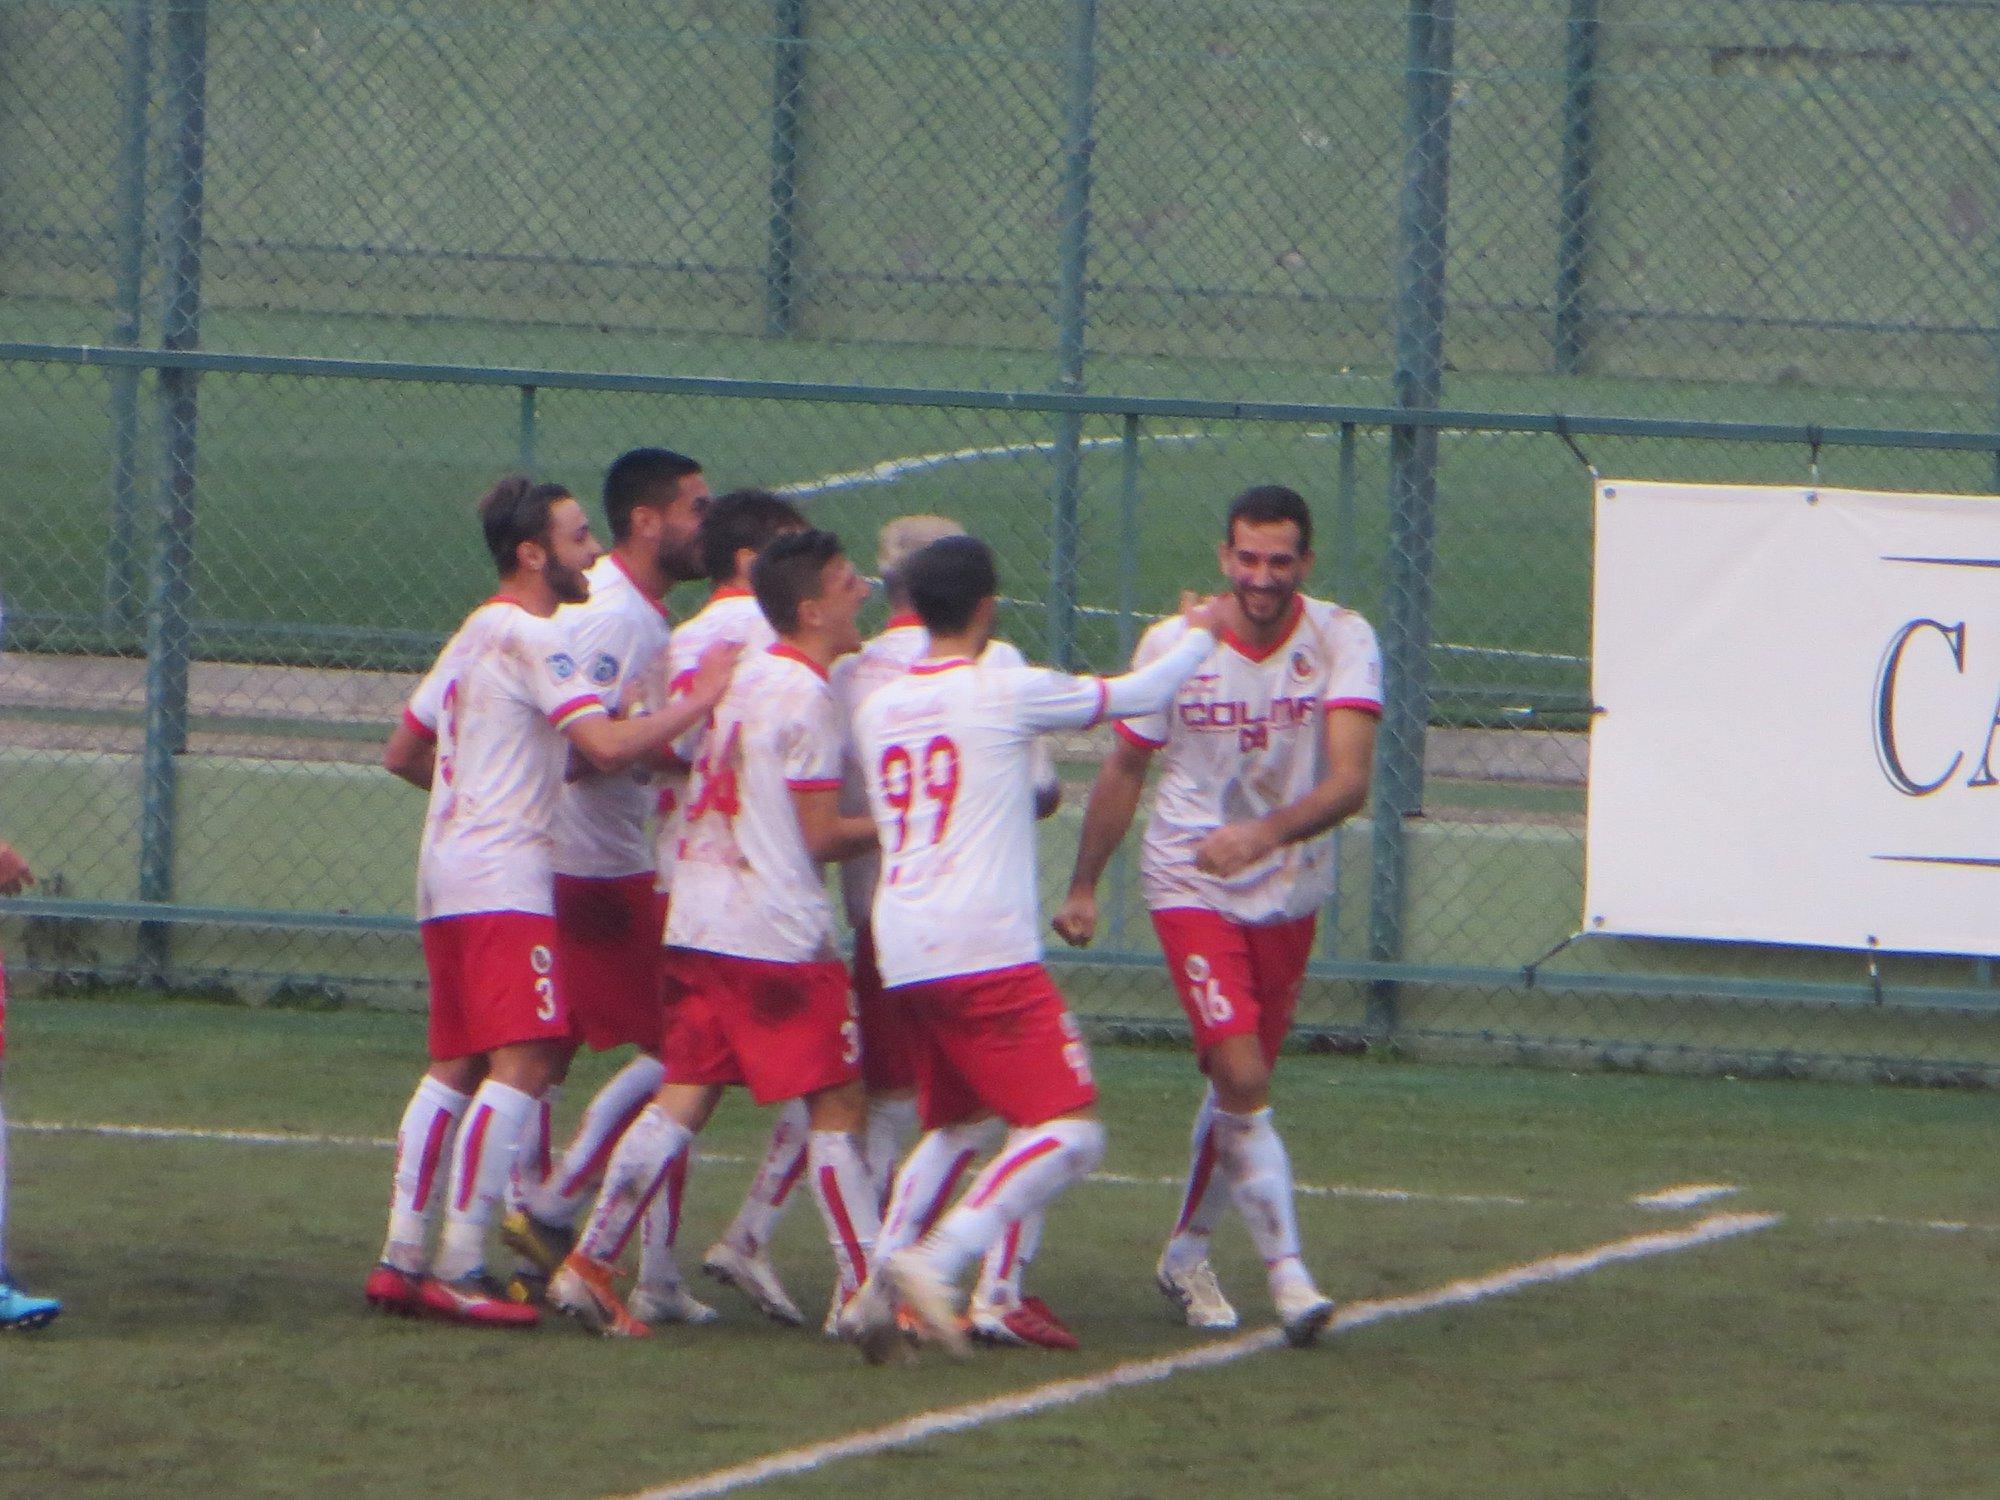 """Di Nunzio, il difensore goleador: """"Una vittoria importante, continuiamo su questa strada"""""""